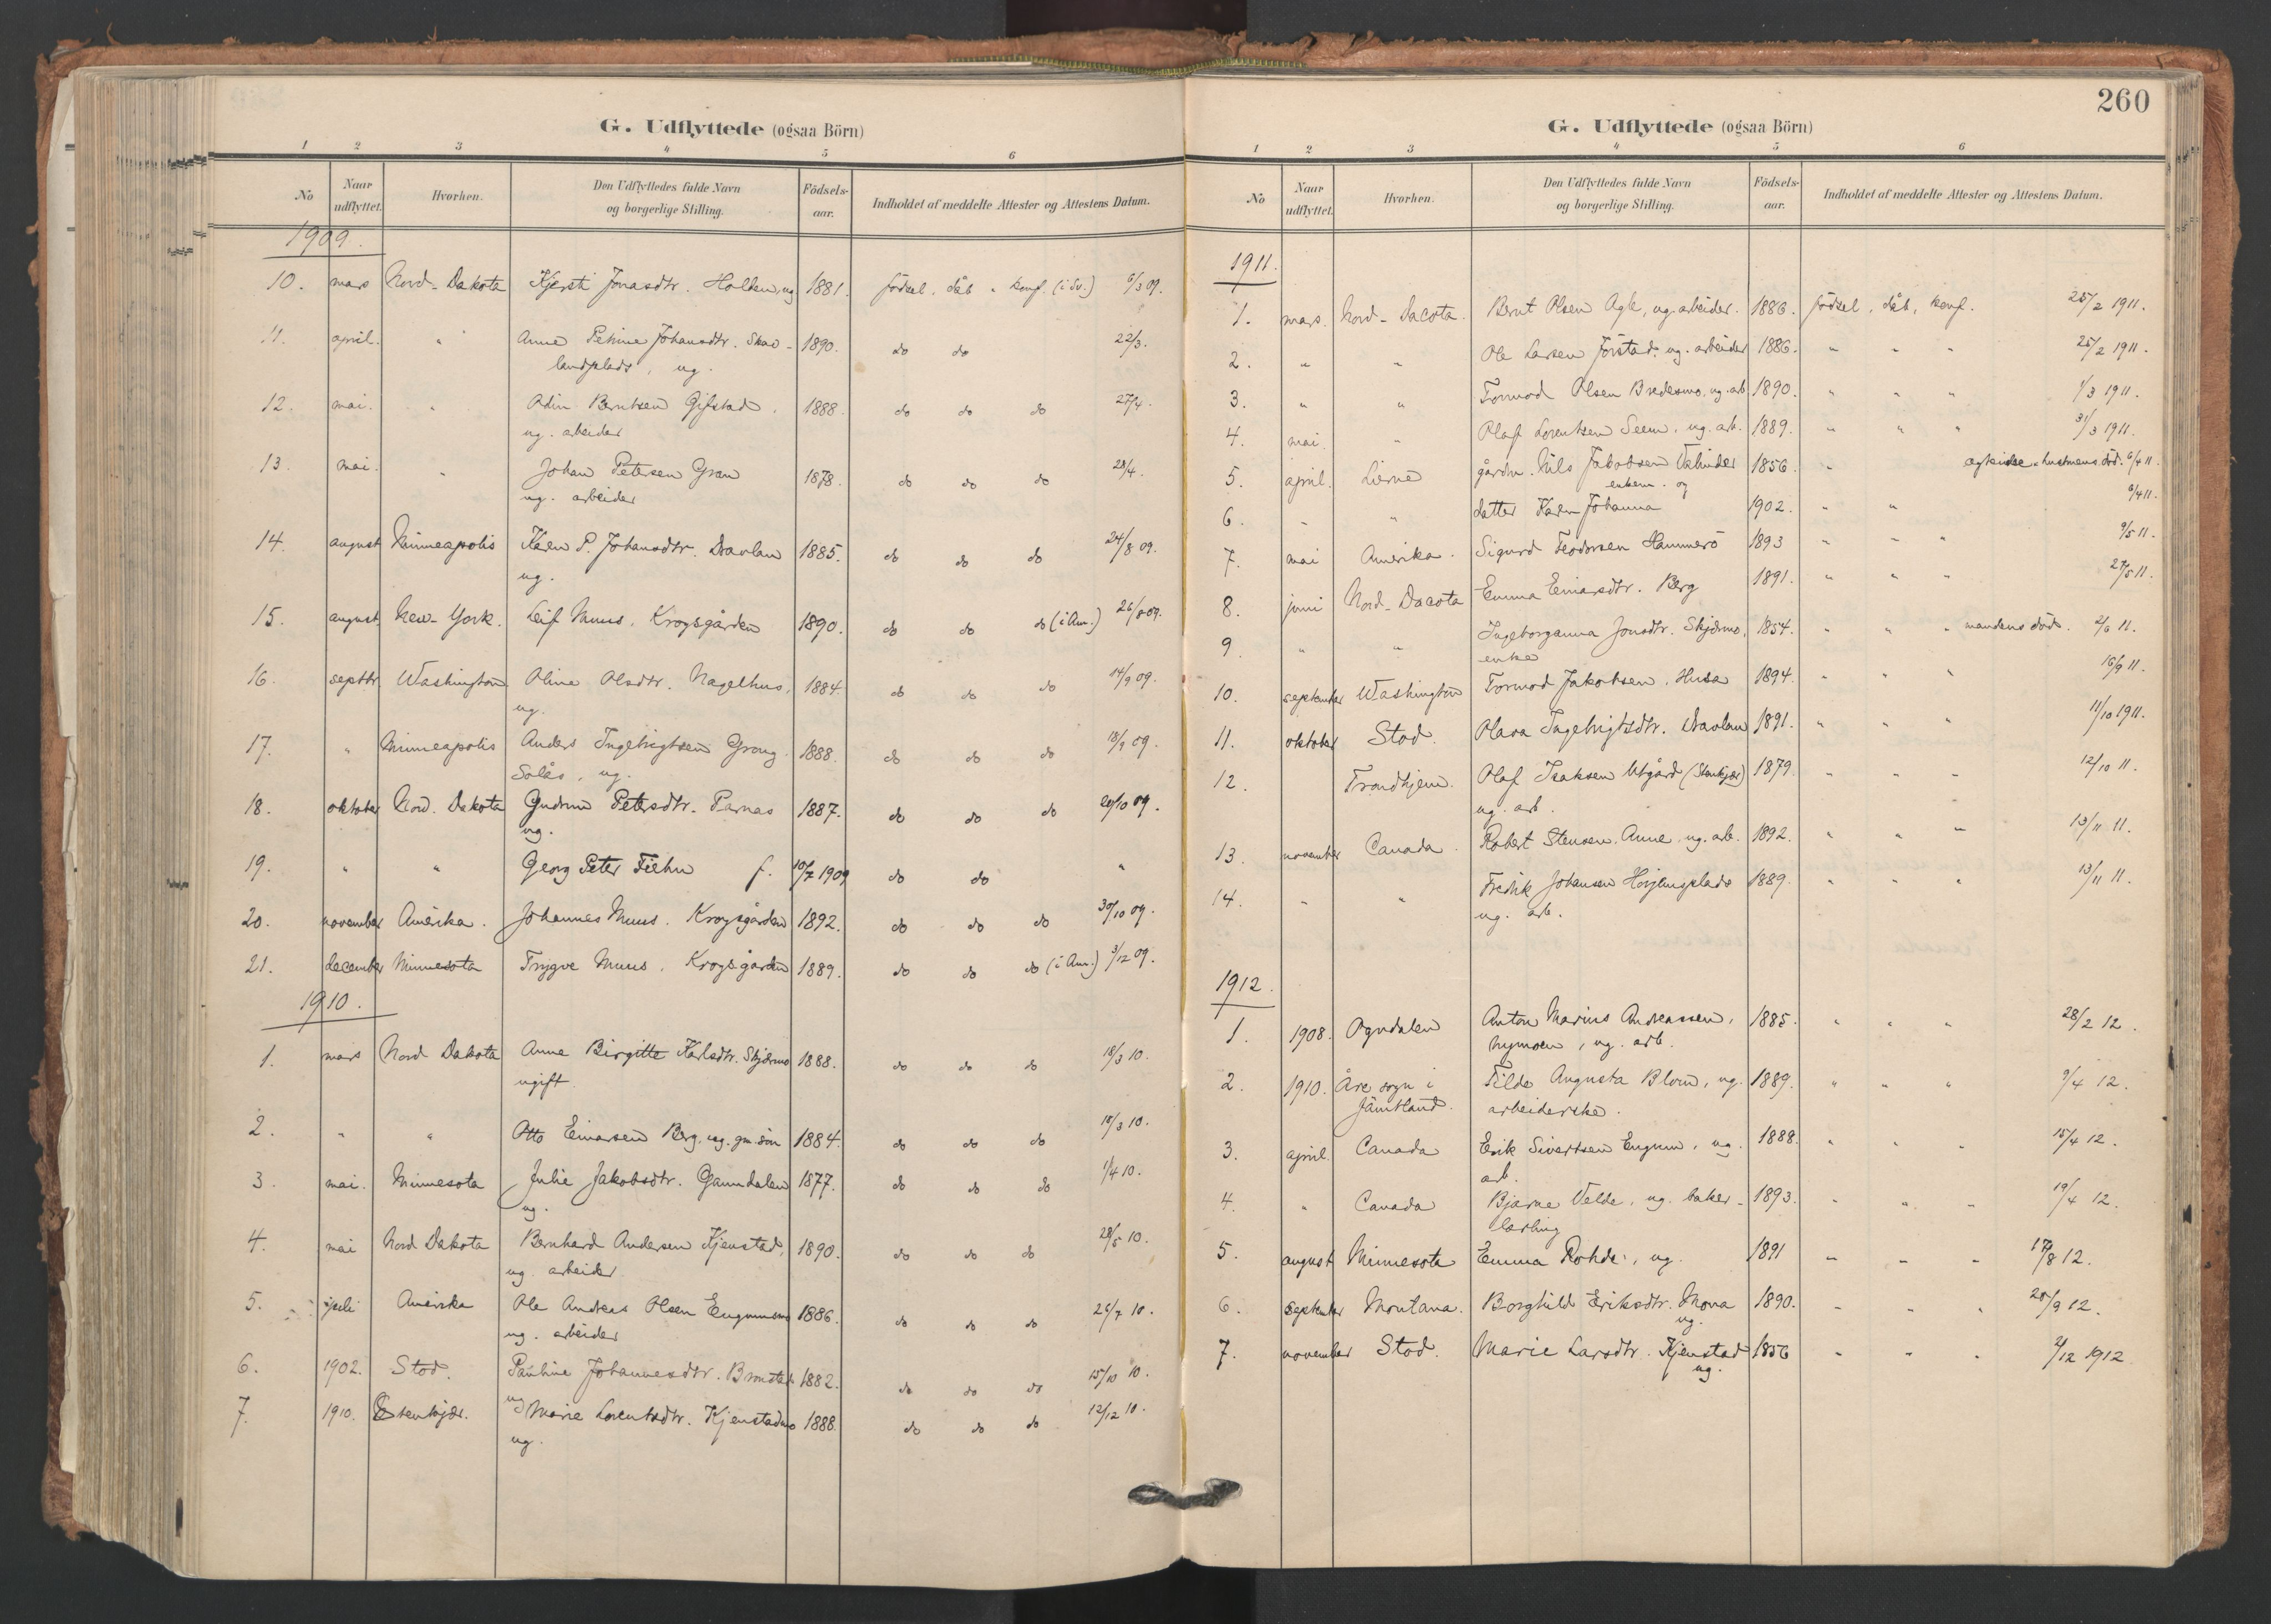 SAT, Ministerialprotokoller, klokkerbøker og fødselsregistre - Nord-Trøndelag, 749/L0477: Ministerialbok nr. 749A11, 1902-1927, s. 260